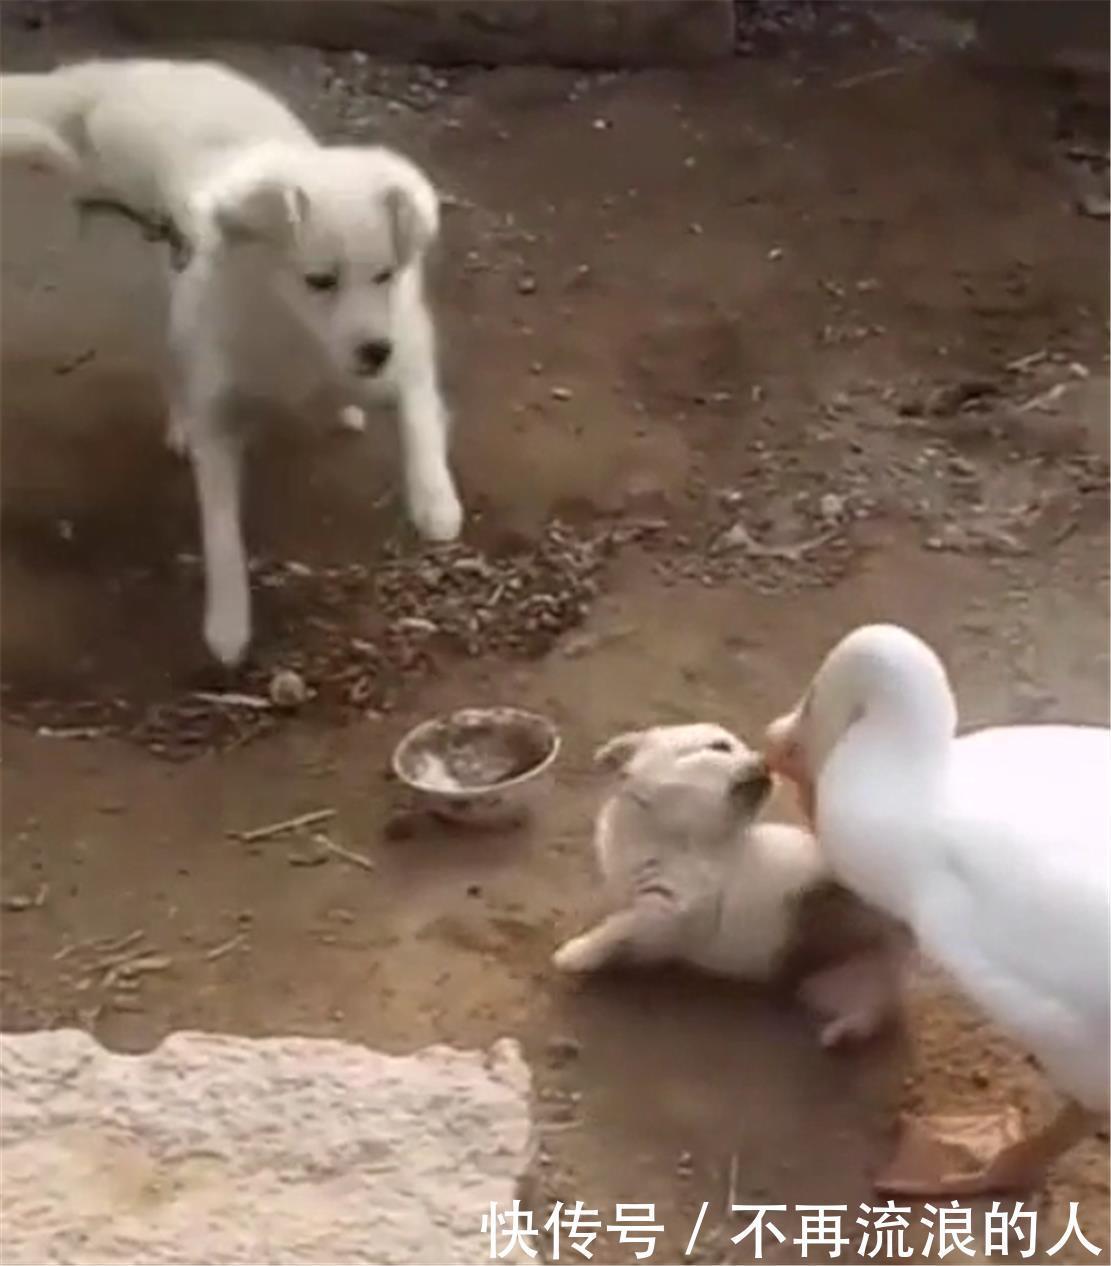 大鹅欺负狗崽,狗崽痛得满地打滚儿,狗妈的举动让人暖心不已……